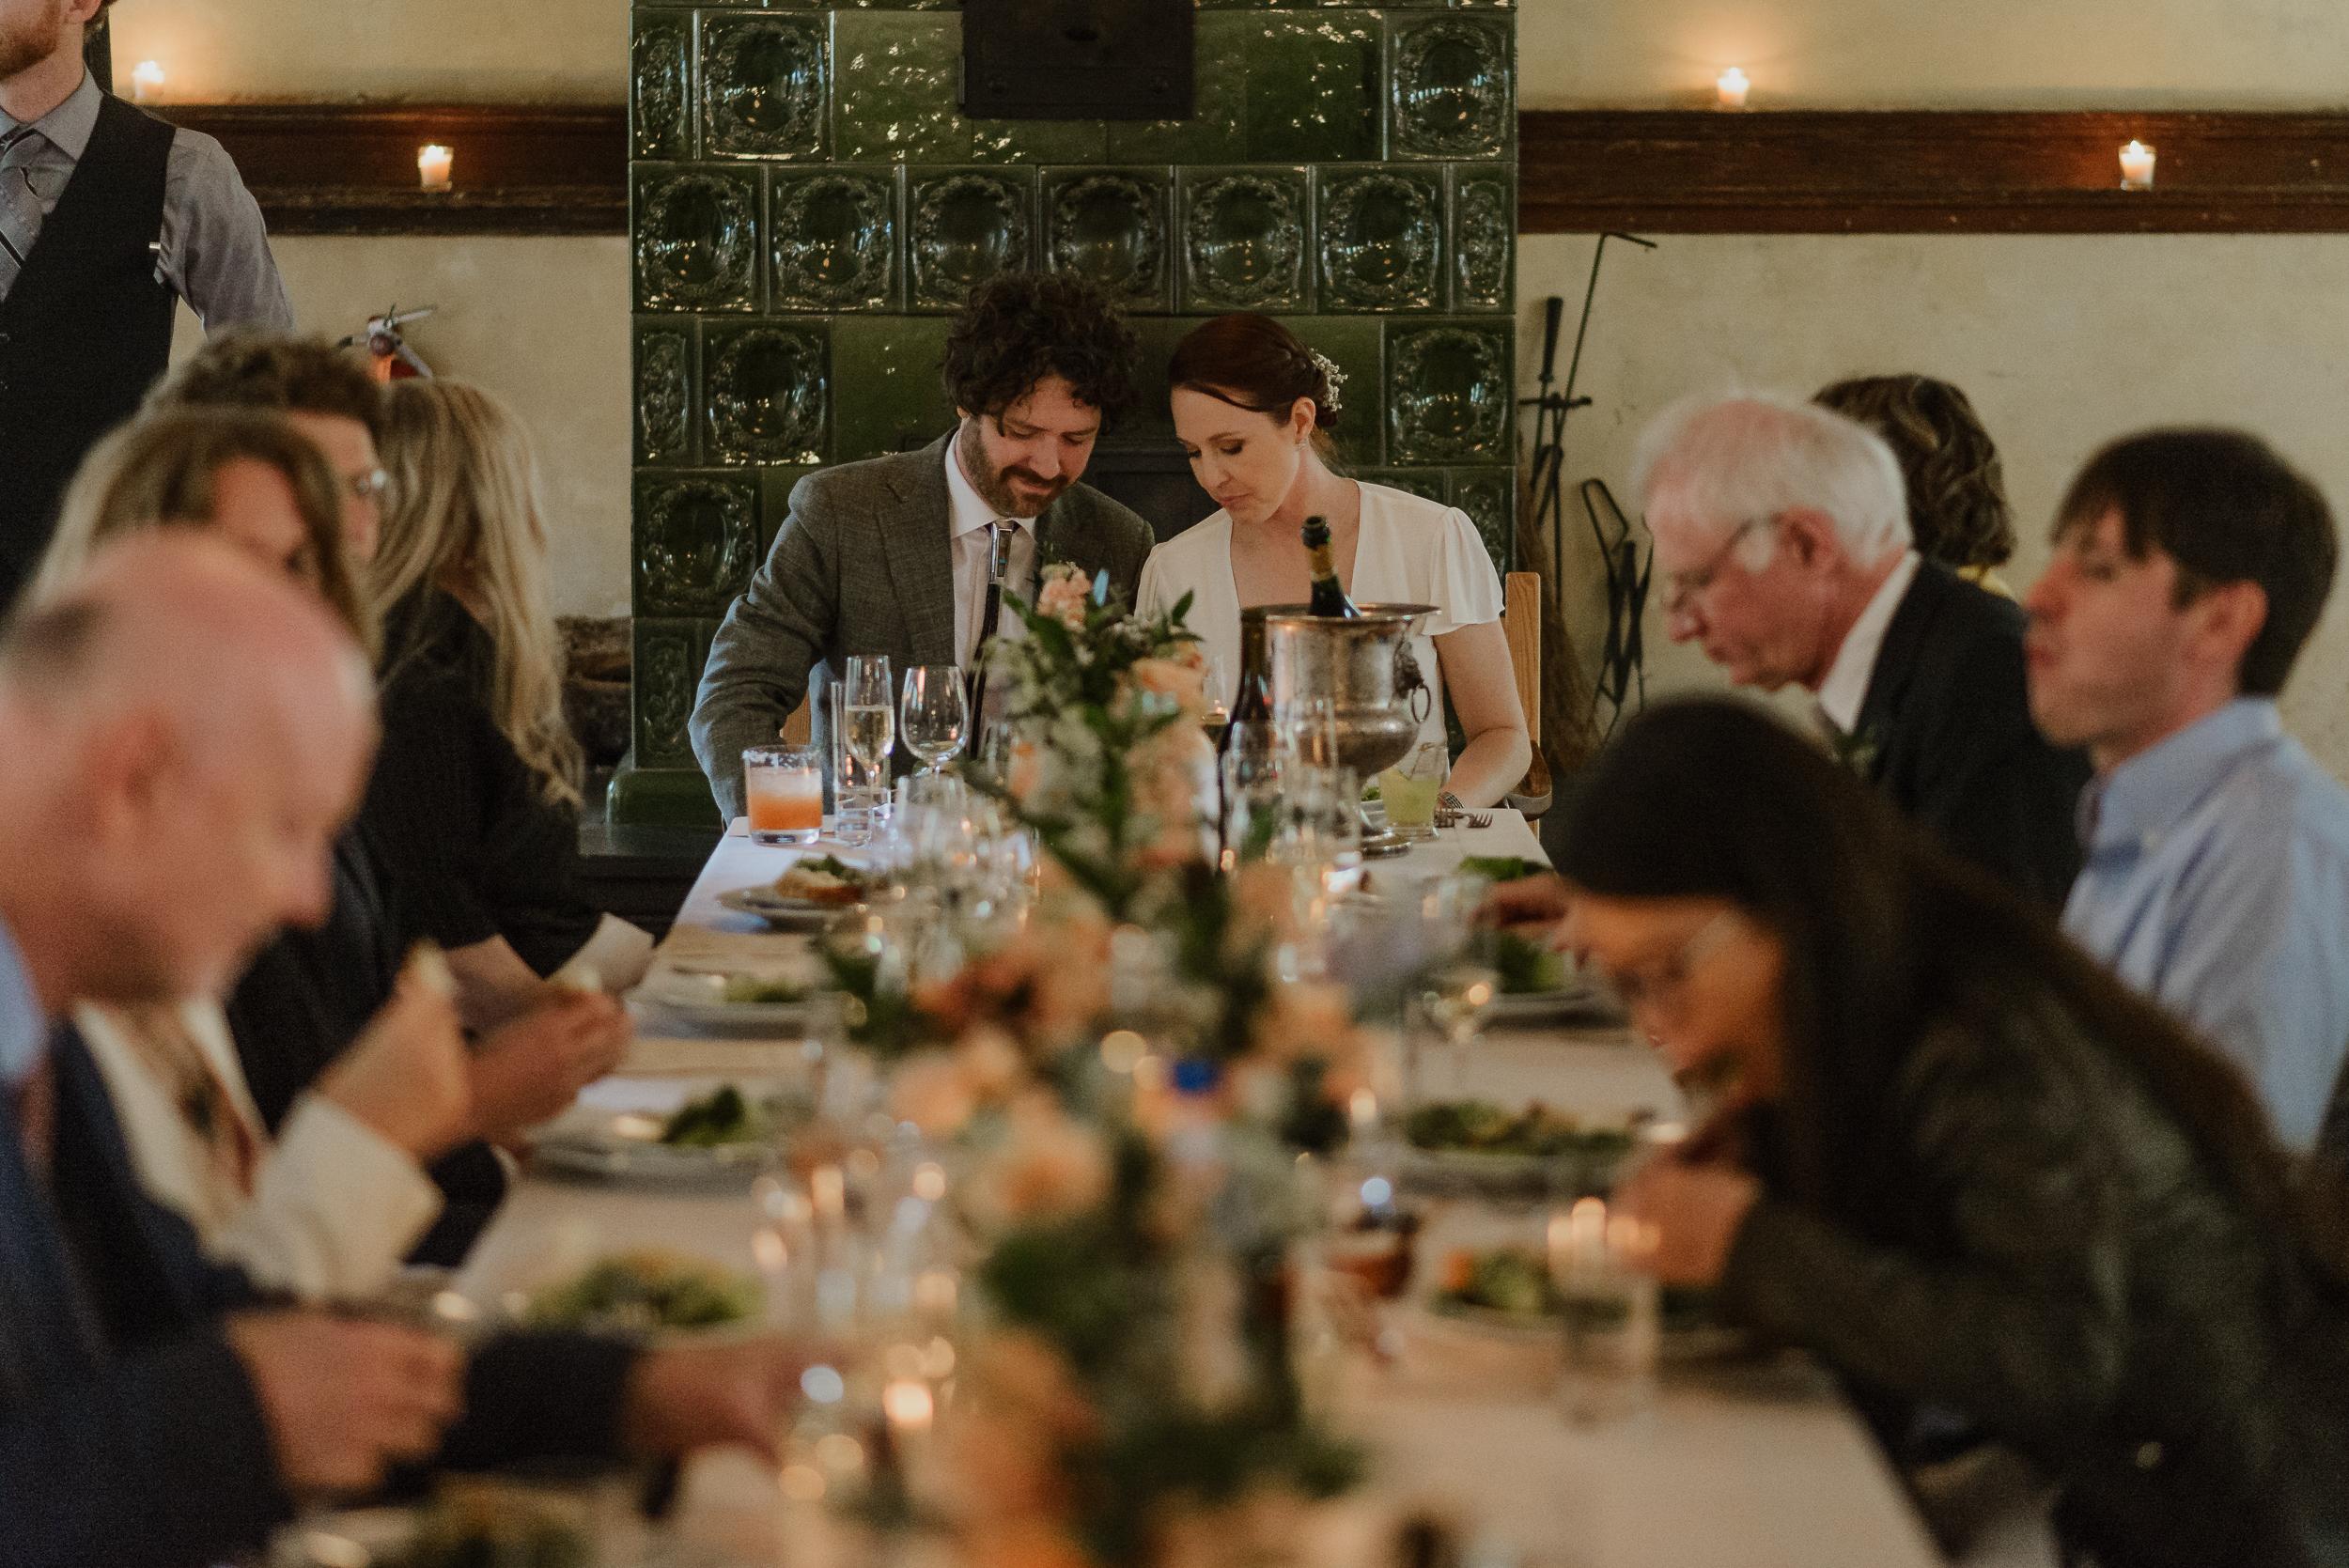 093-san-francisco-headlands-center-for-the-arts-wedding-vivianchen-502.jpg